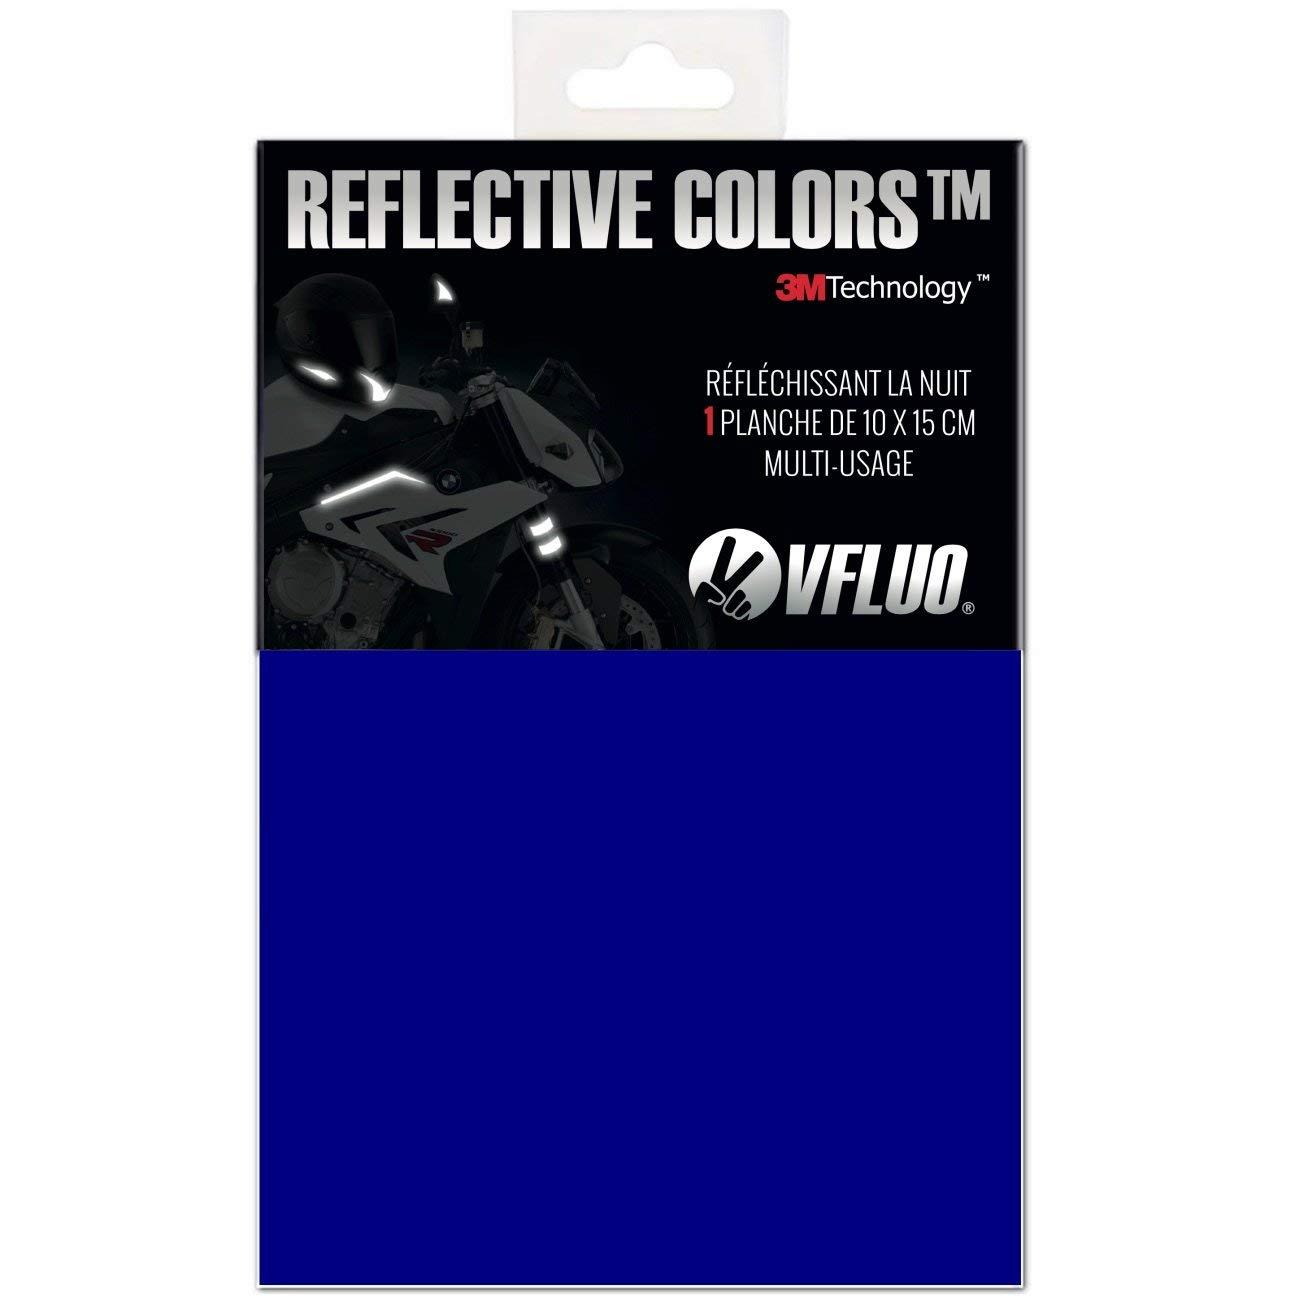 Amarillo VFLUO 3M Reflective Colors/™ Kit de Pegatina Retro Reflectante a Cortar para Casco de Moto//Motocicleta//Bicicleta 3M Technology/™ Hoja de 10 x 15 cm